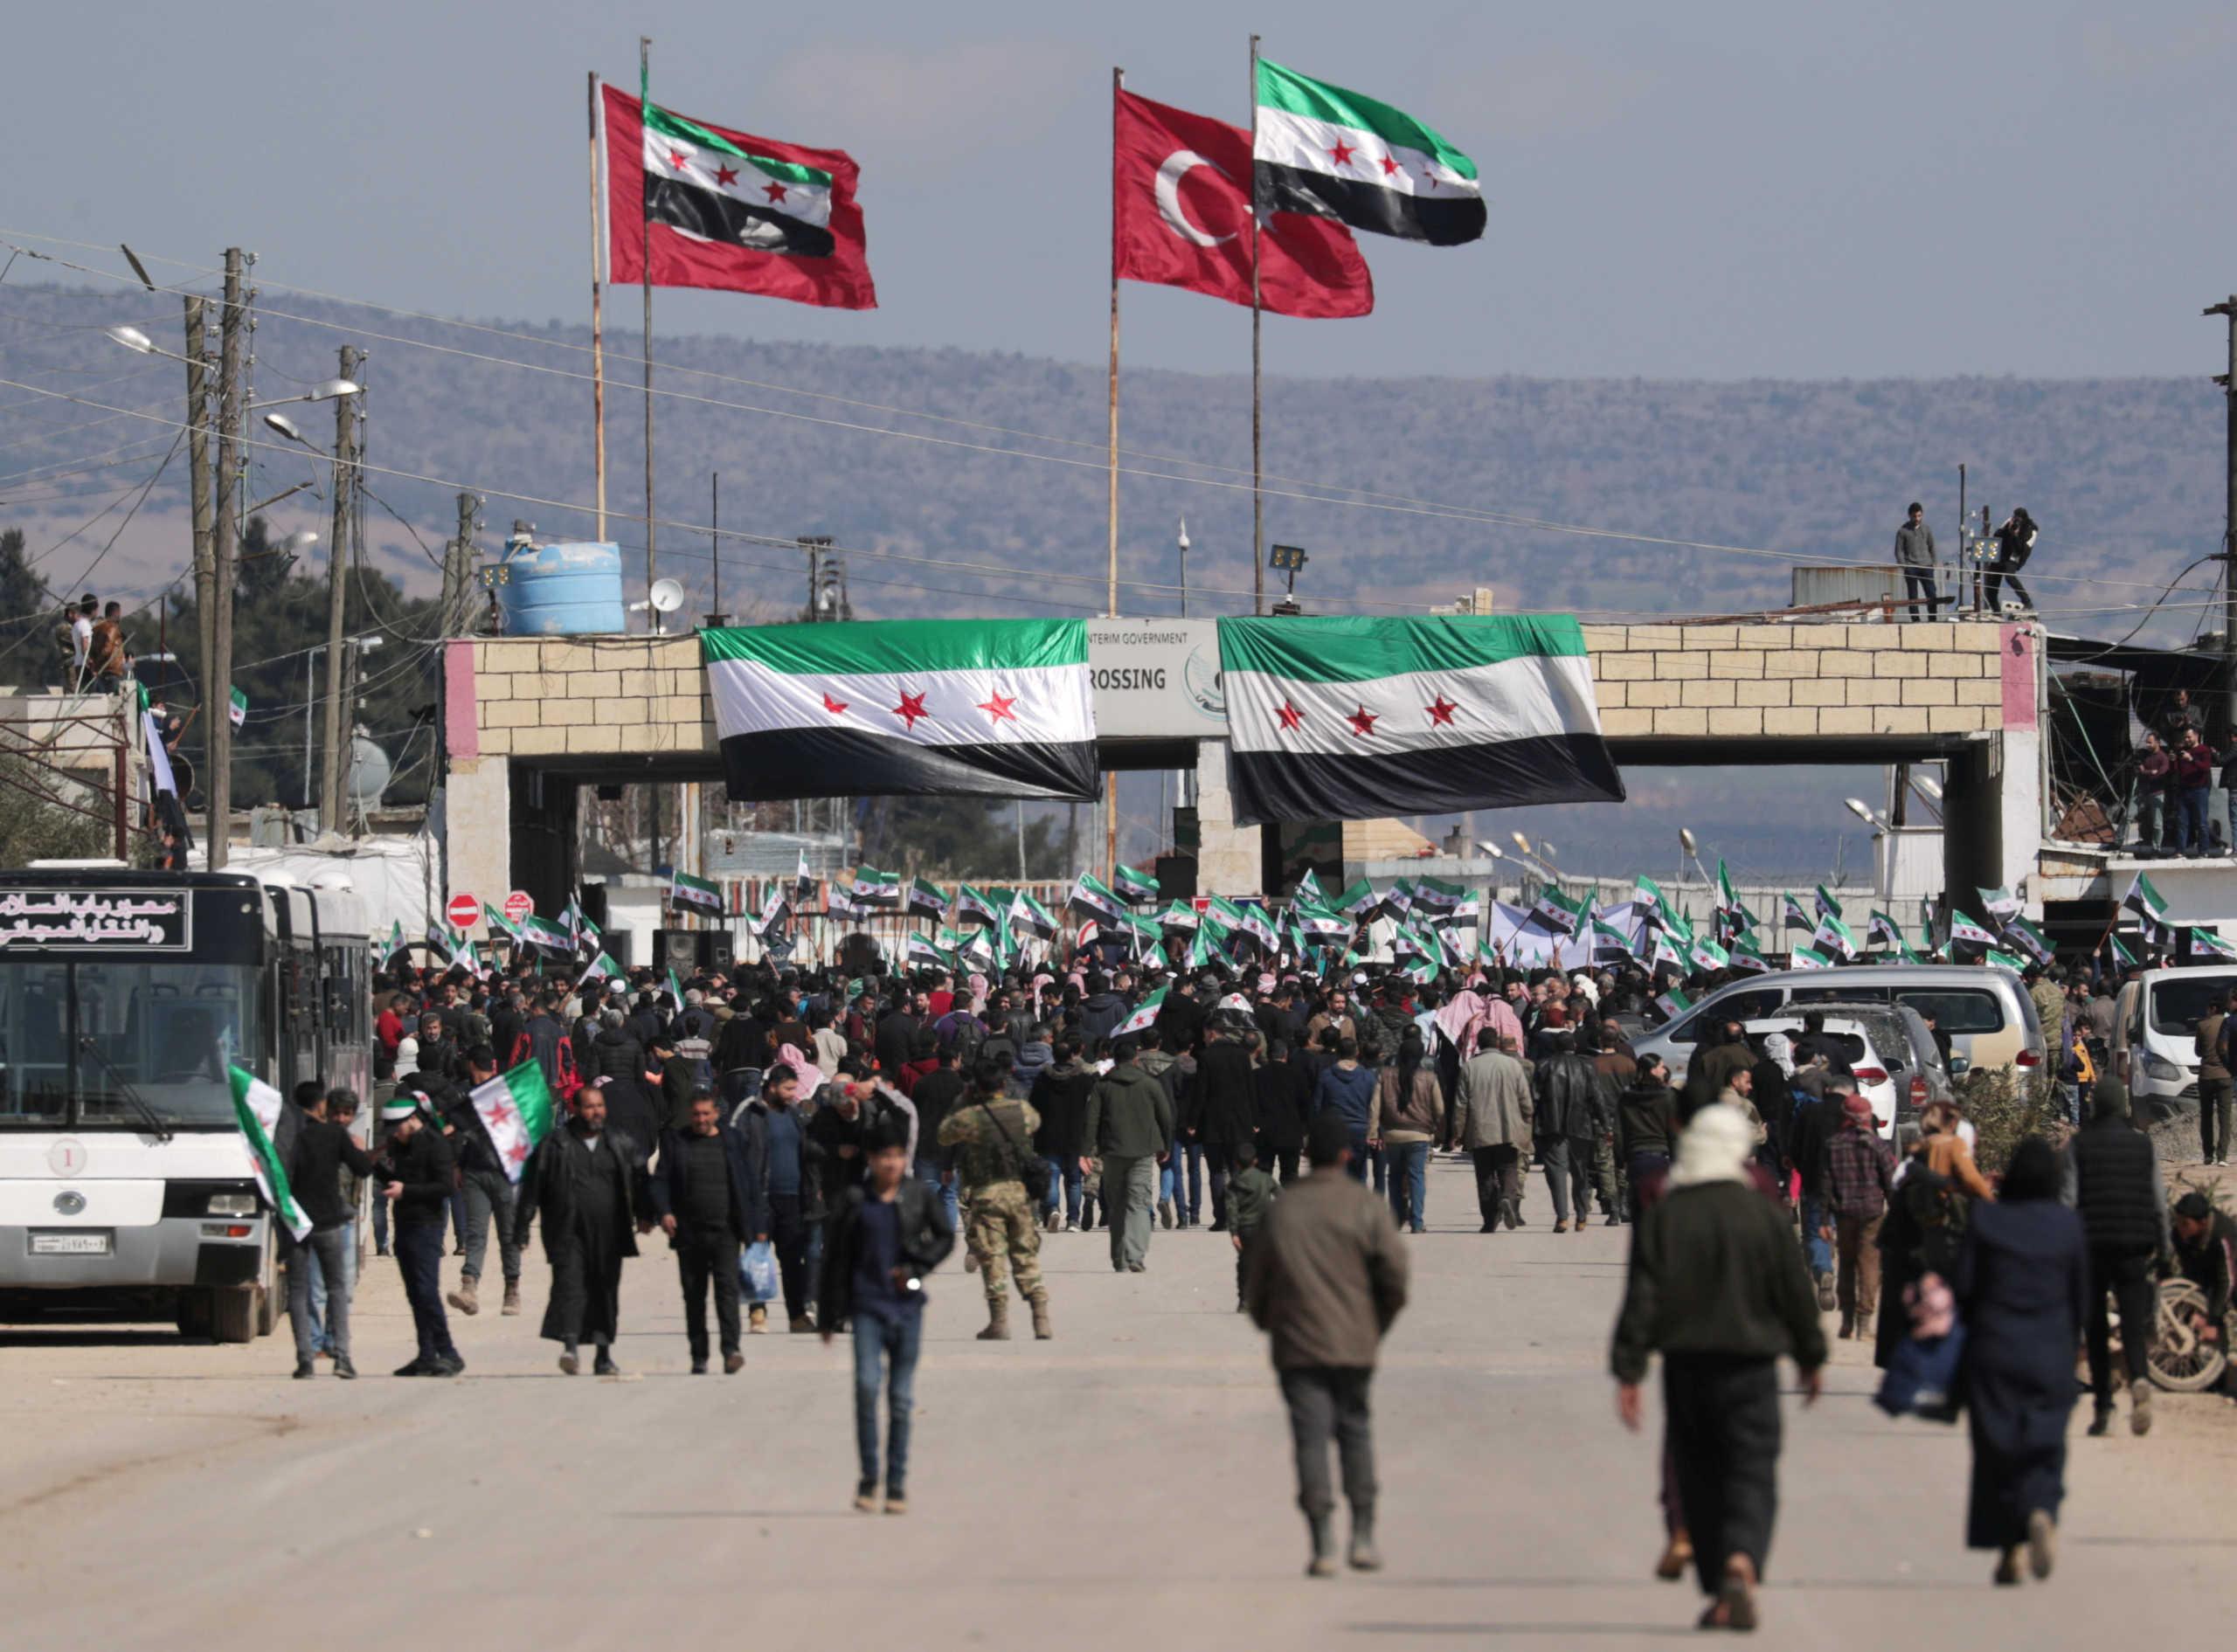 Συρία: Οι δυνάμεις του Άσαντ ανακατέλαβαν την πόλη Καφρανμπέλ στο Ιντλίμπ